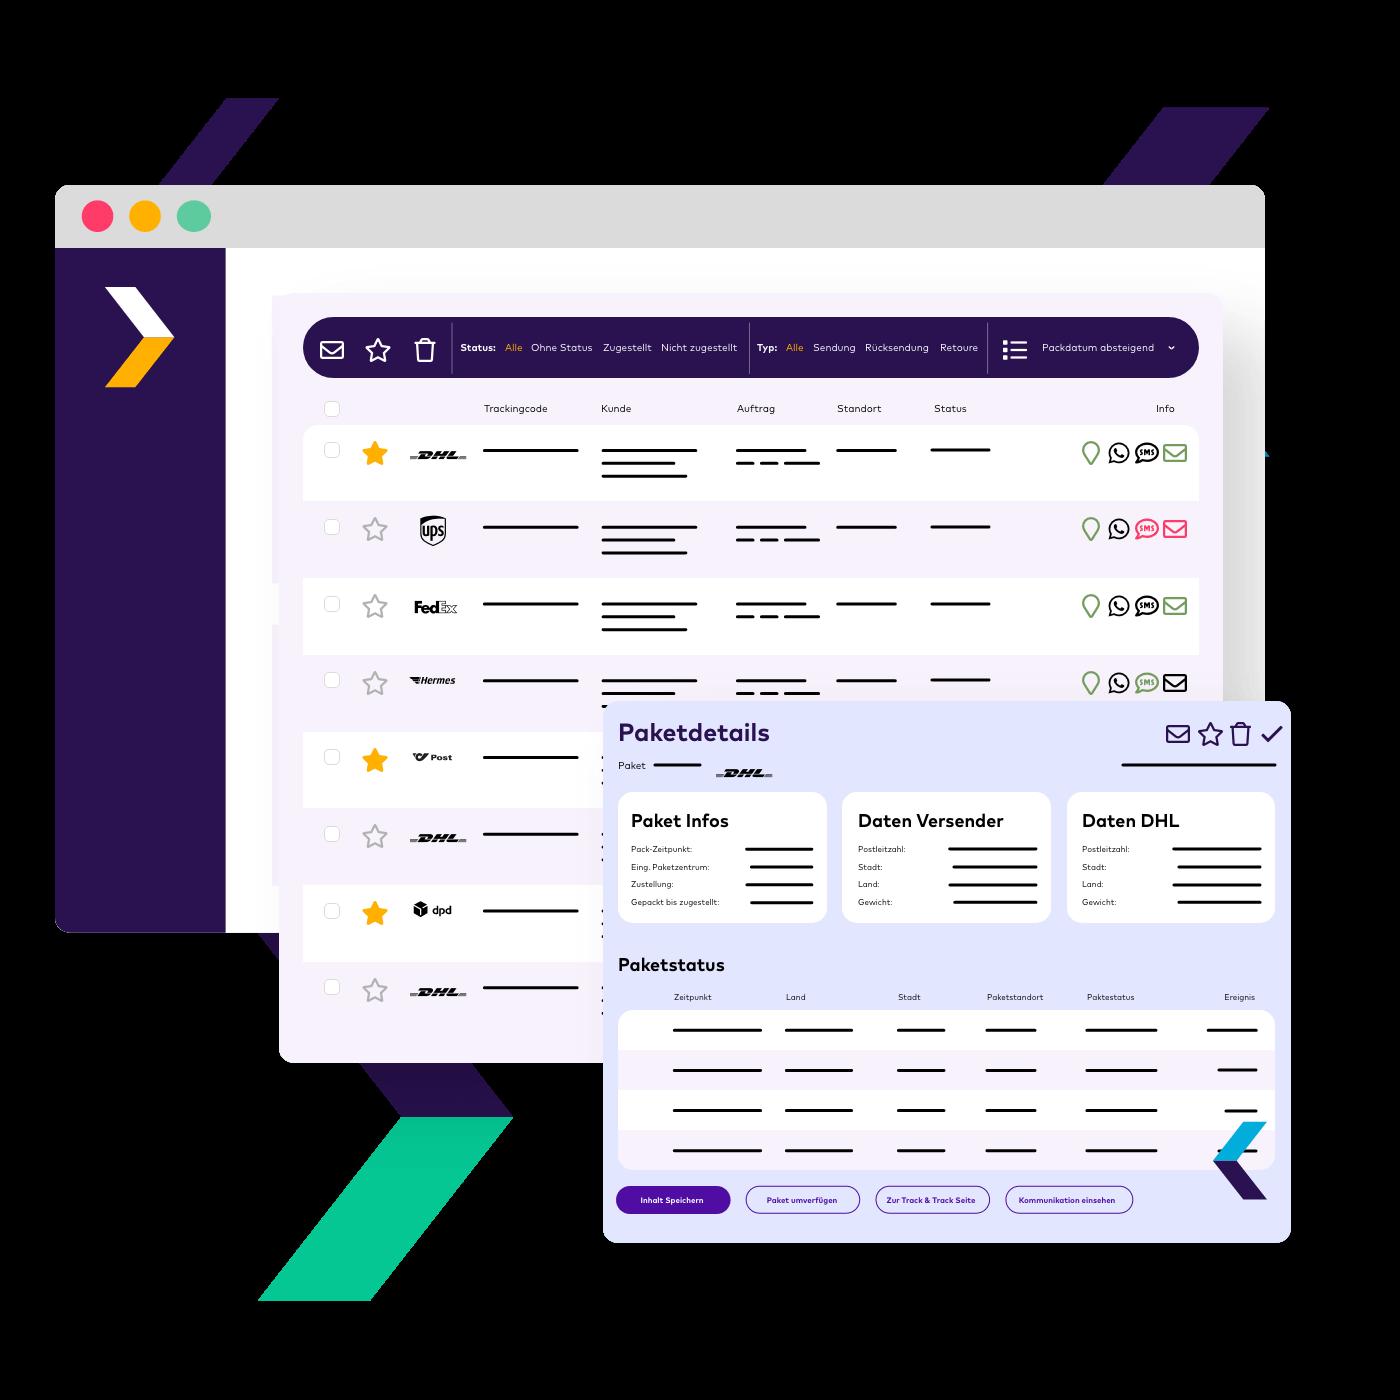 PAQATO macht unsichtbare Informationen auf der Paketreise für dich sichtbar. Läuft mal etwas mit der Zustellung durch den Versanddienstleister schief, kannst du deinen Kunden proaktiv informieren.